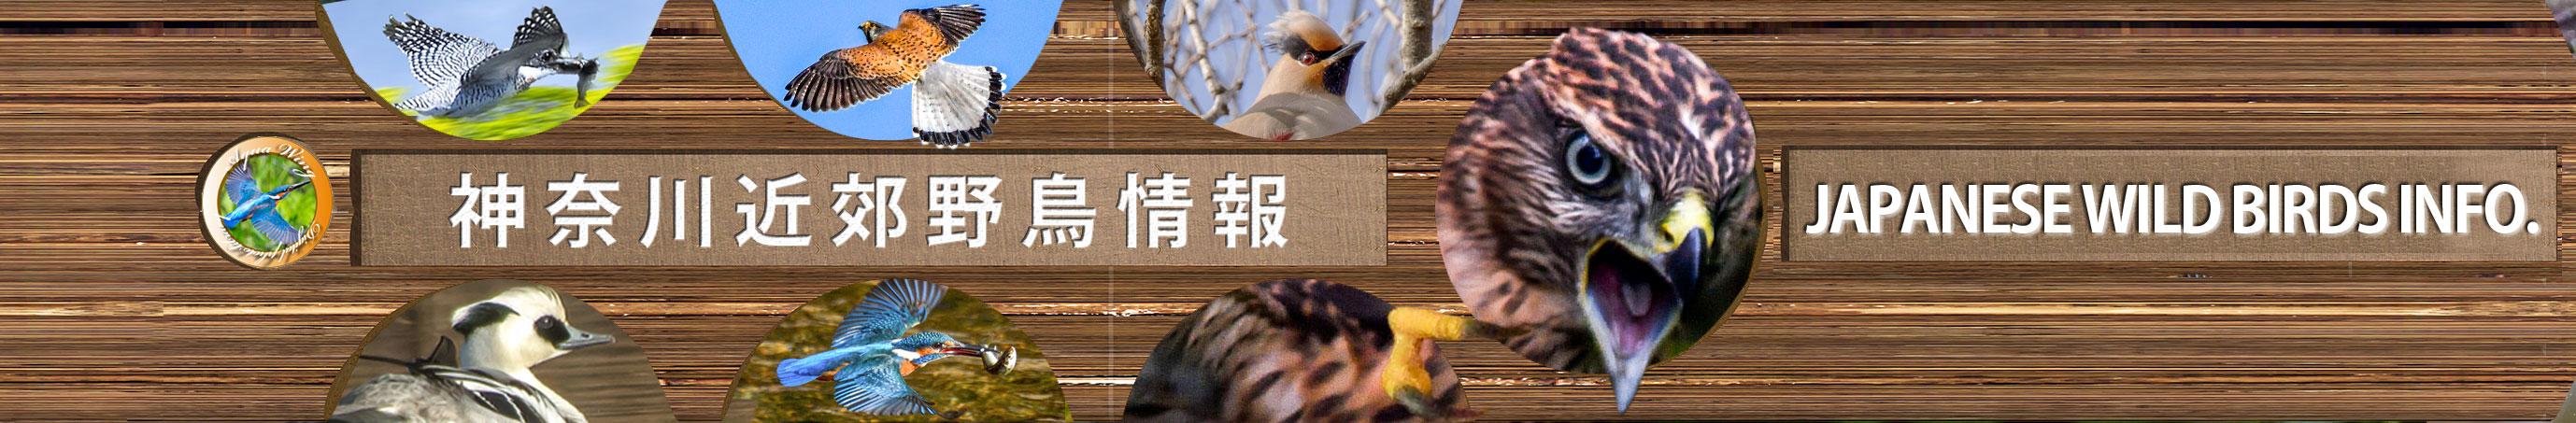 神奈川近郊野鳥情報(Japanese Wild Birds Info.)